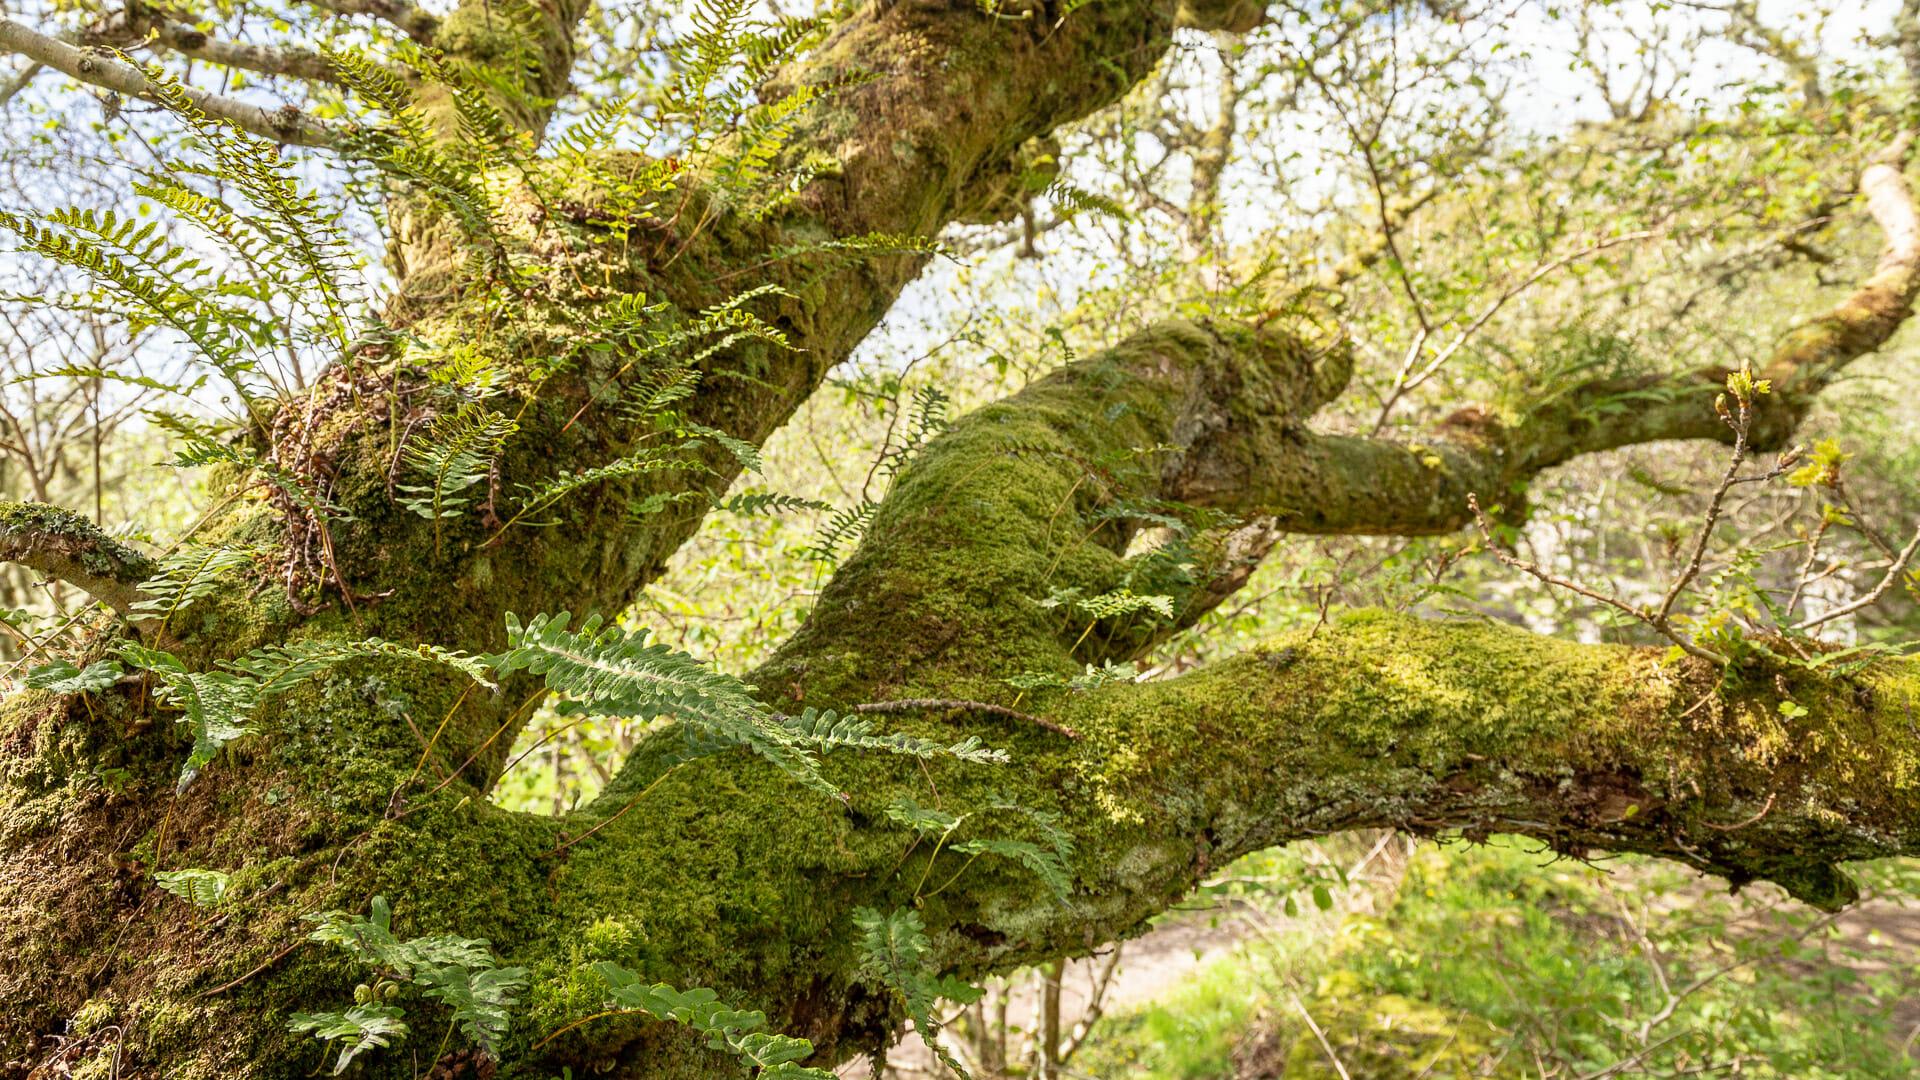 Alte Bäume mit Moos und Flechten bewachsen